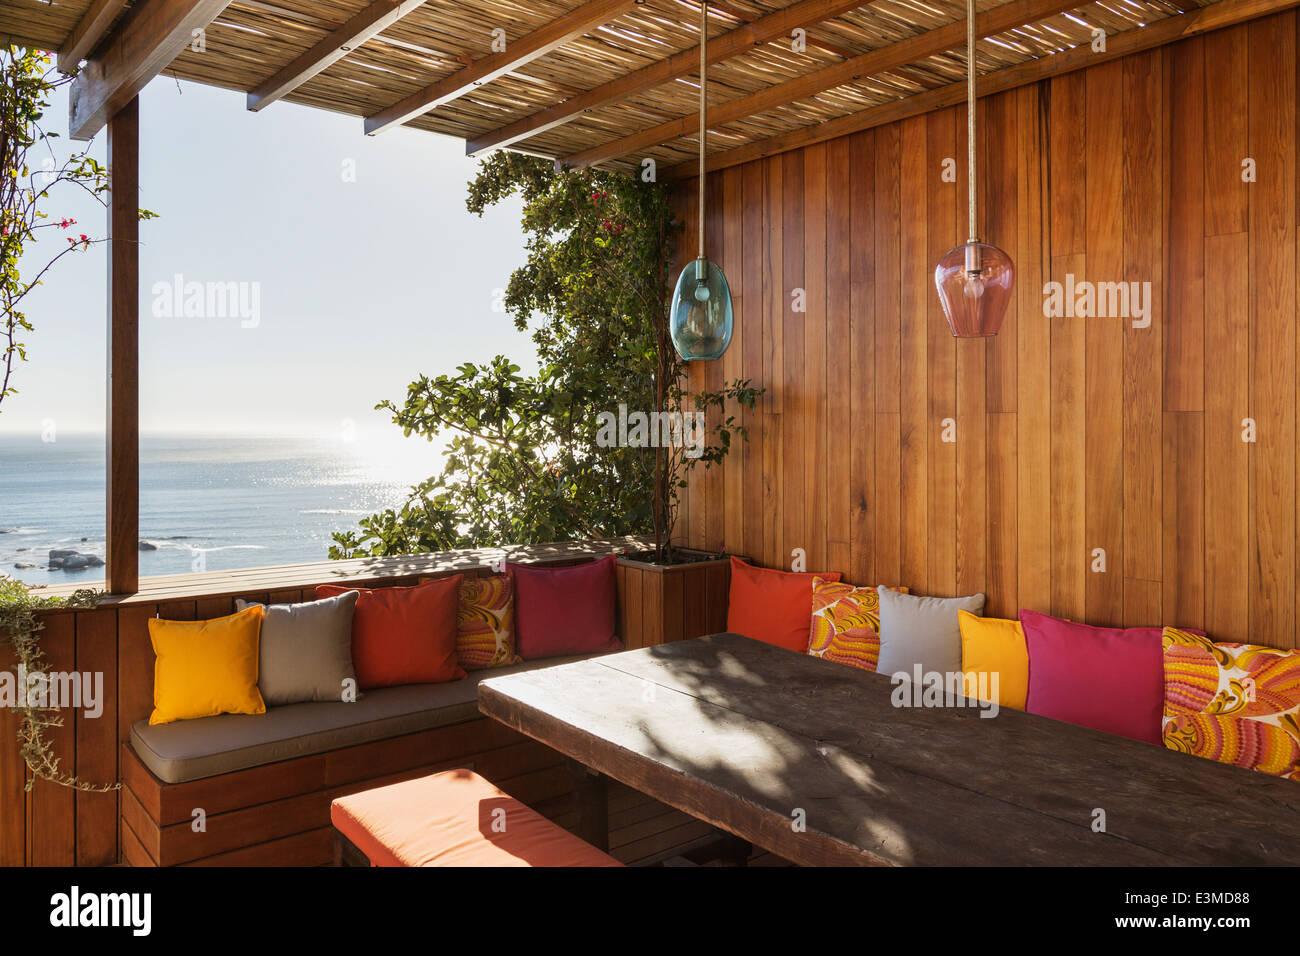 Patio bench overlooking ocean - Stock Image